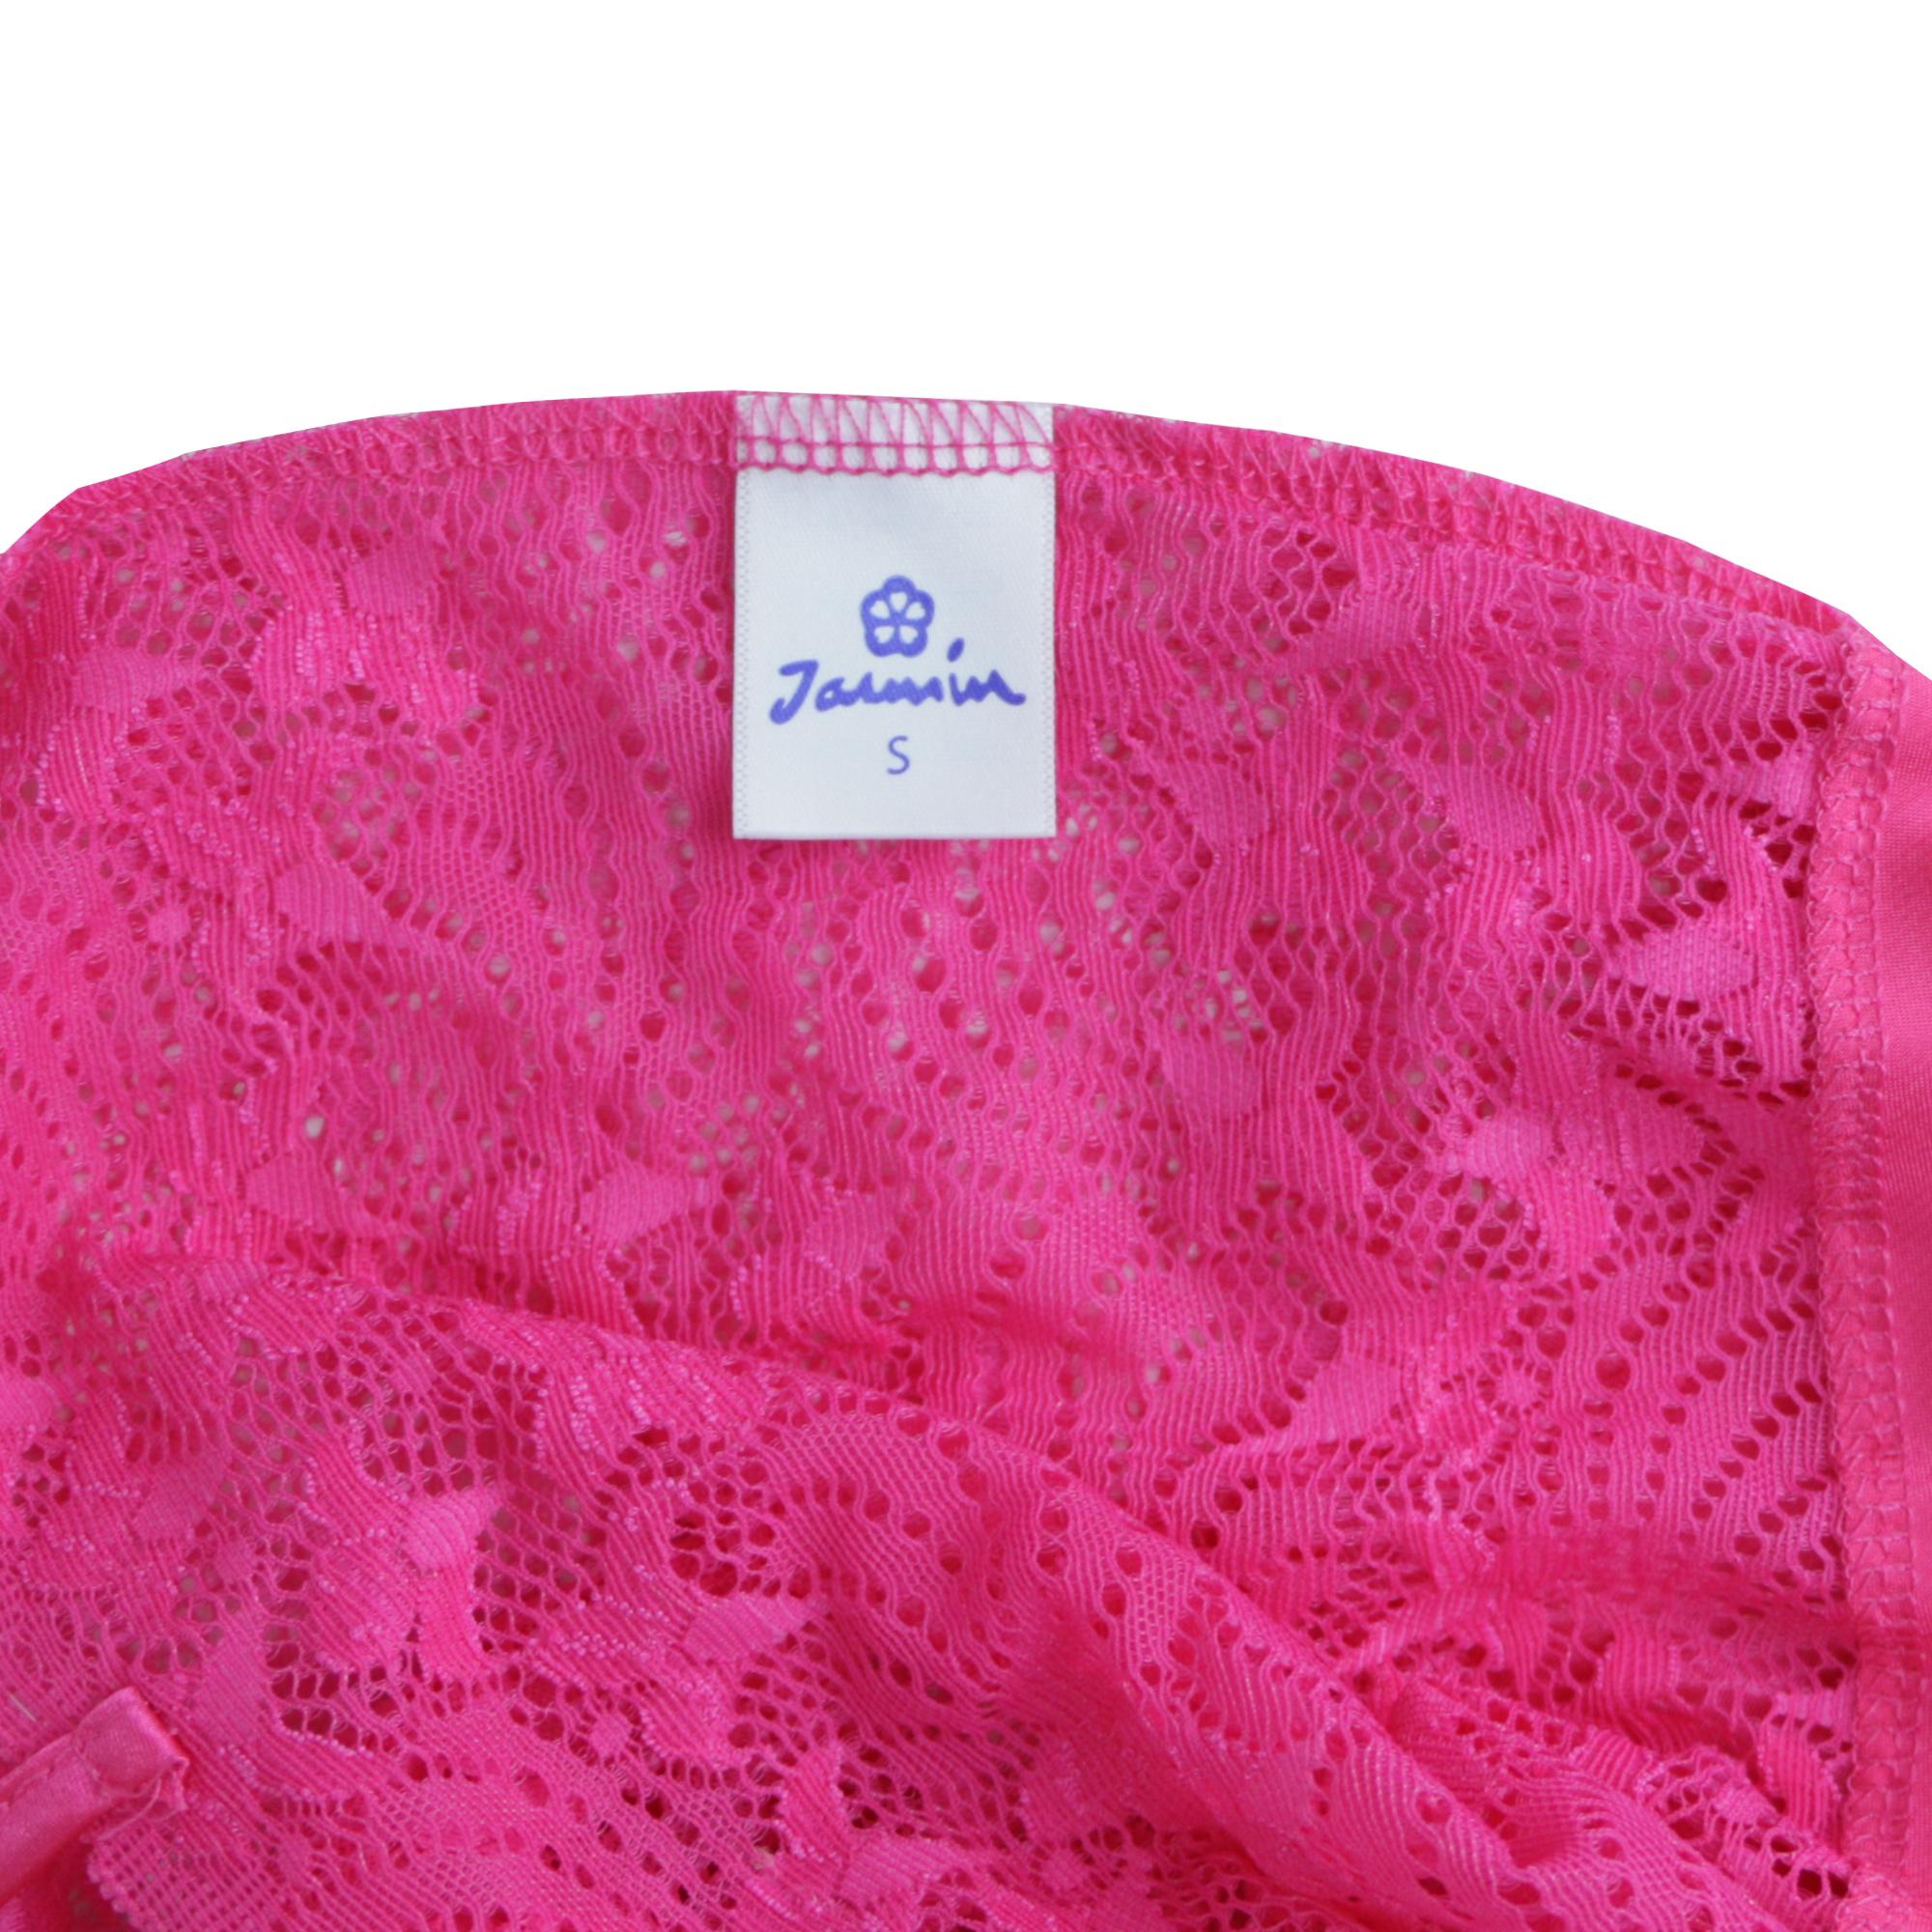 لباس خواب زنانه یاسمین مدل 2777 main 1 3